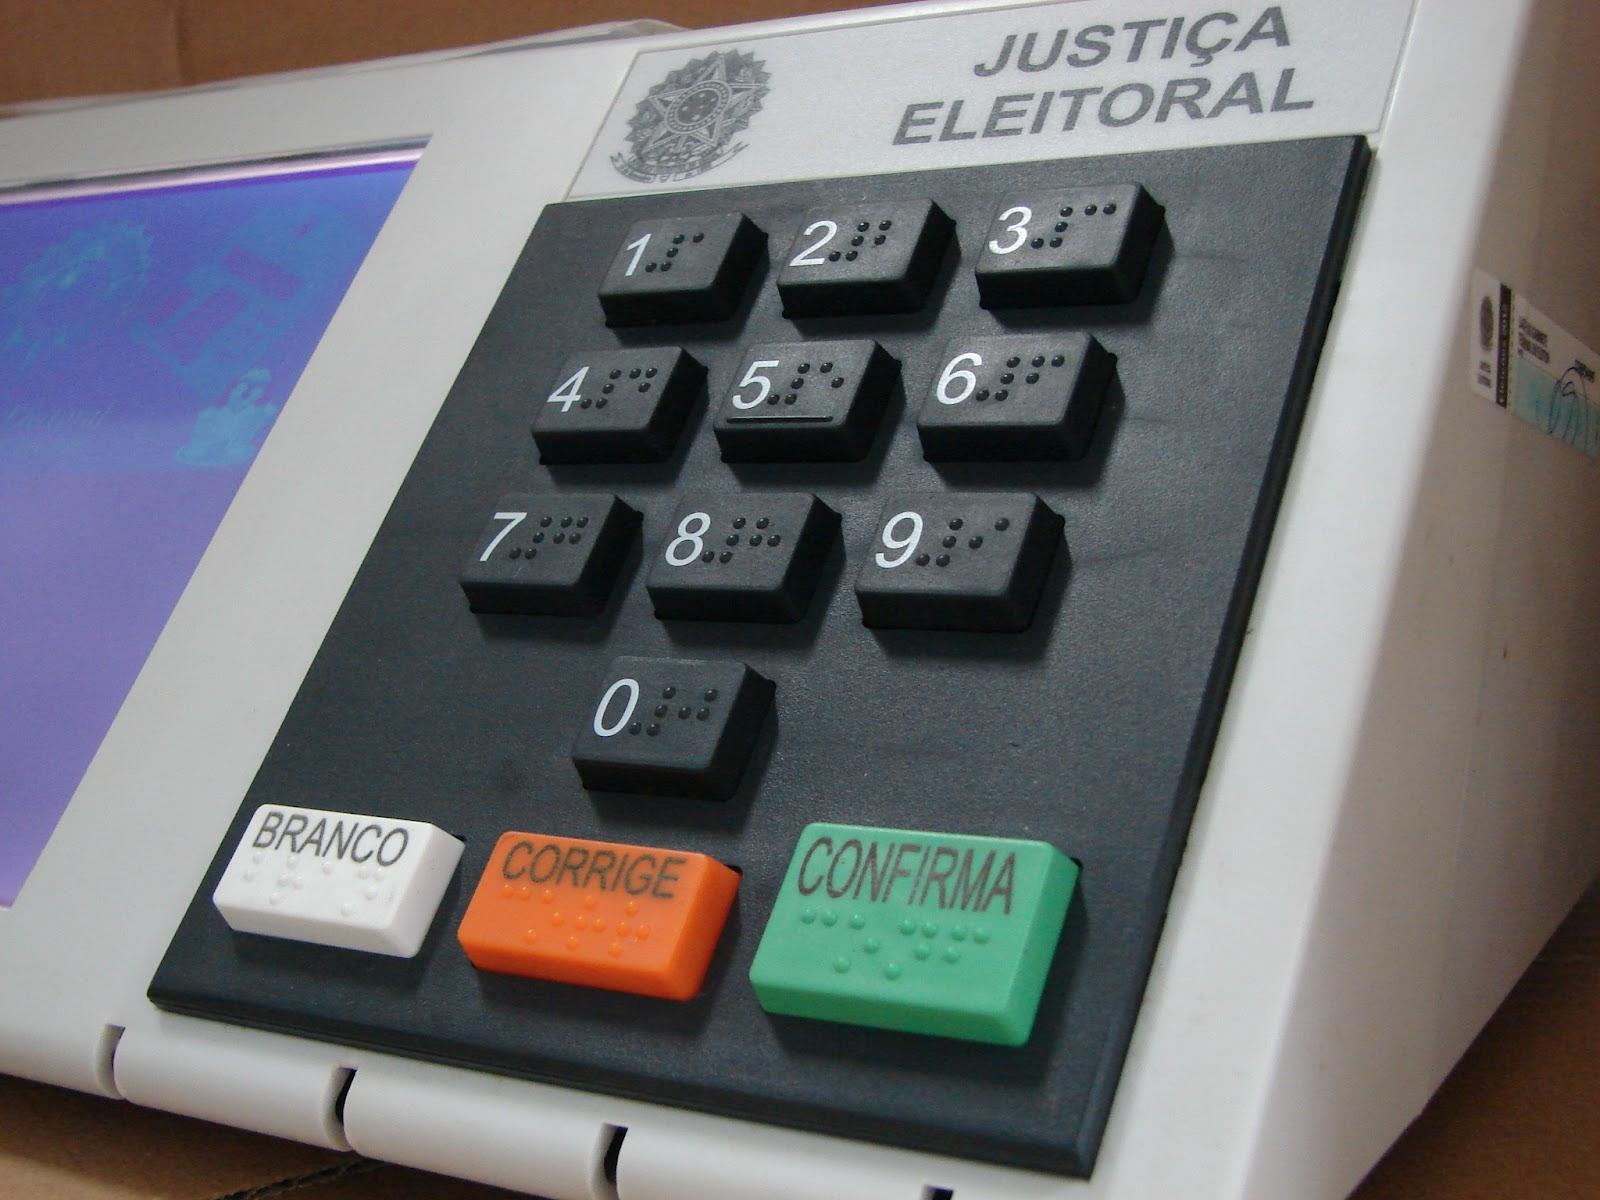 Cartório Eleitoral de Assis realiza auditoria em urnas eletrônicas e descarta problemas